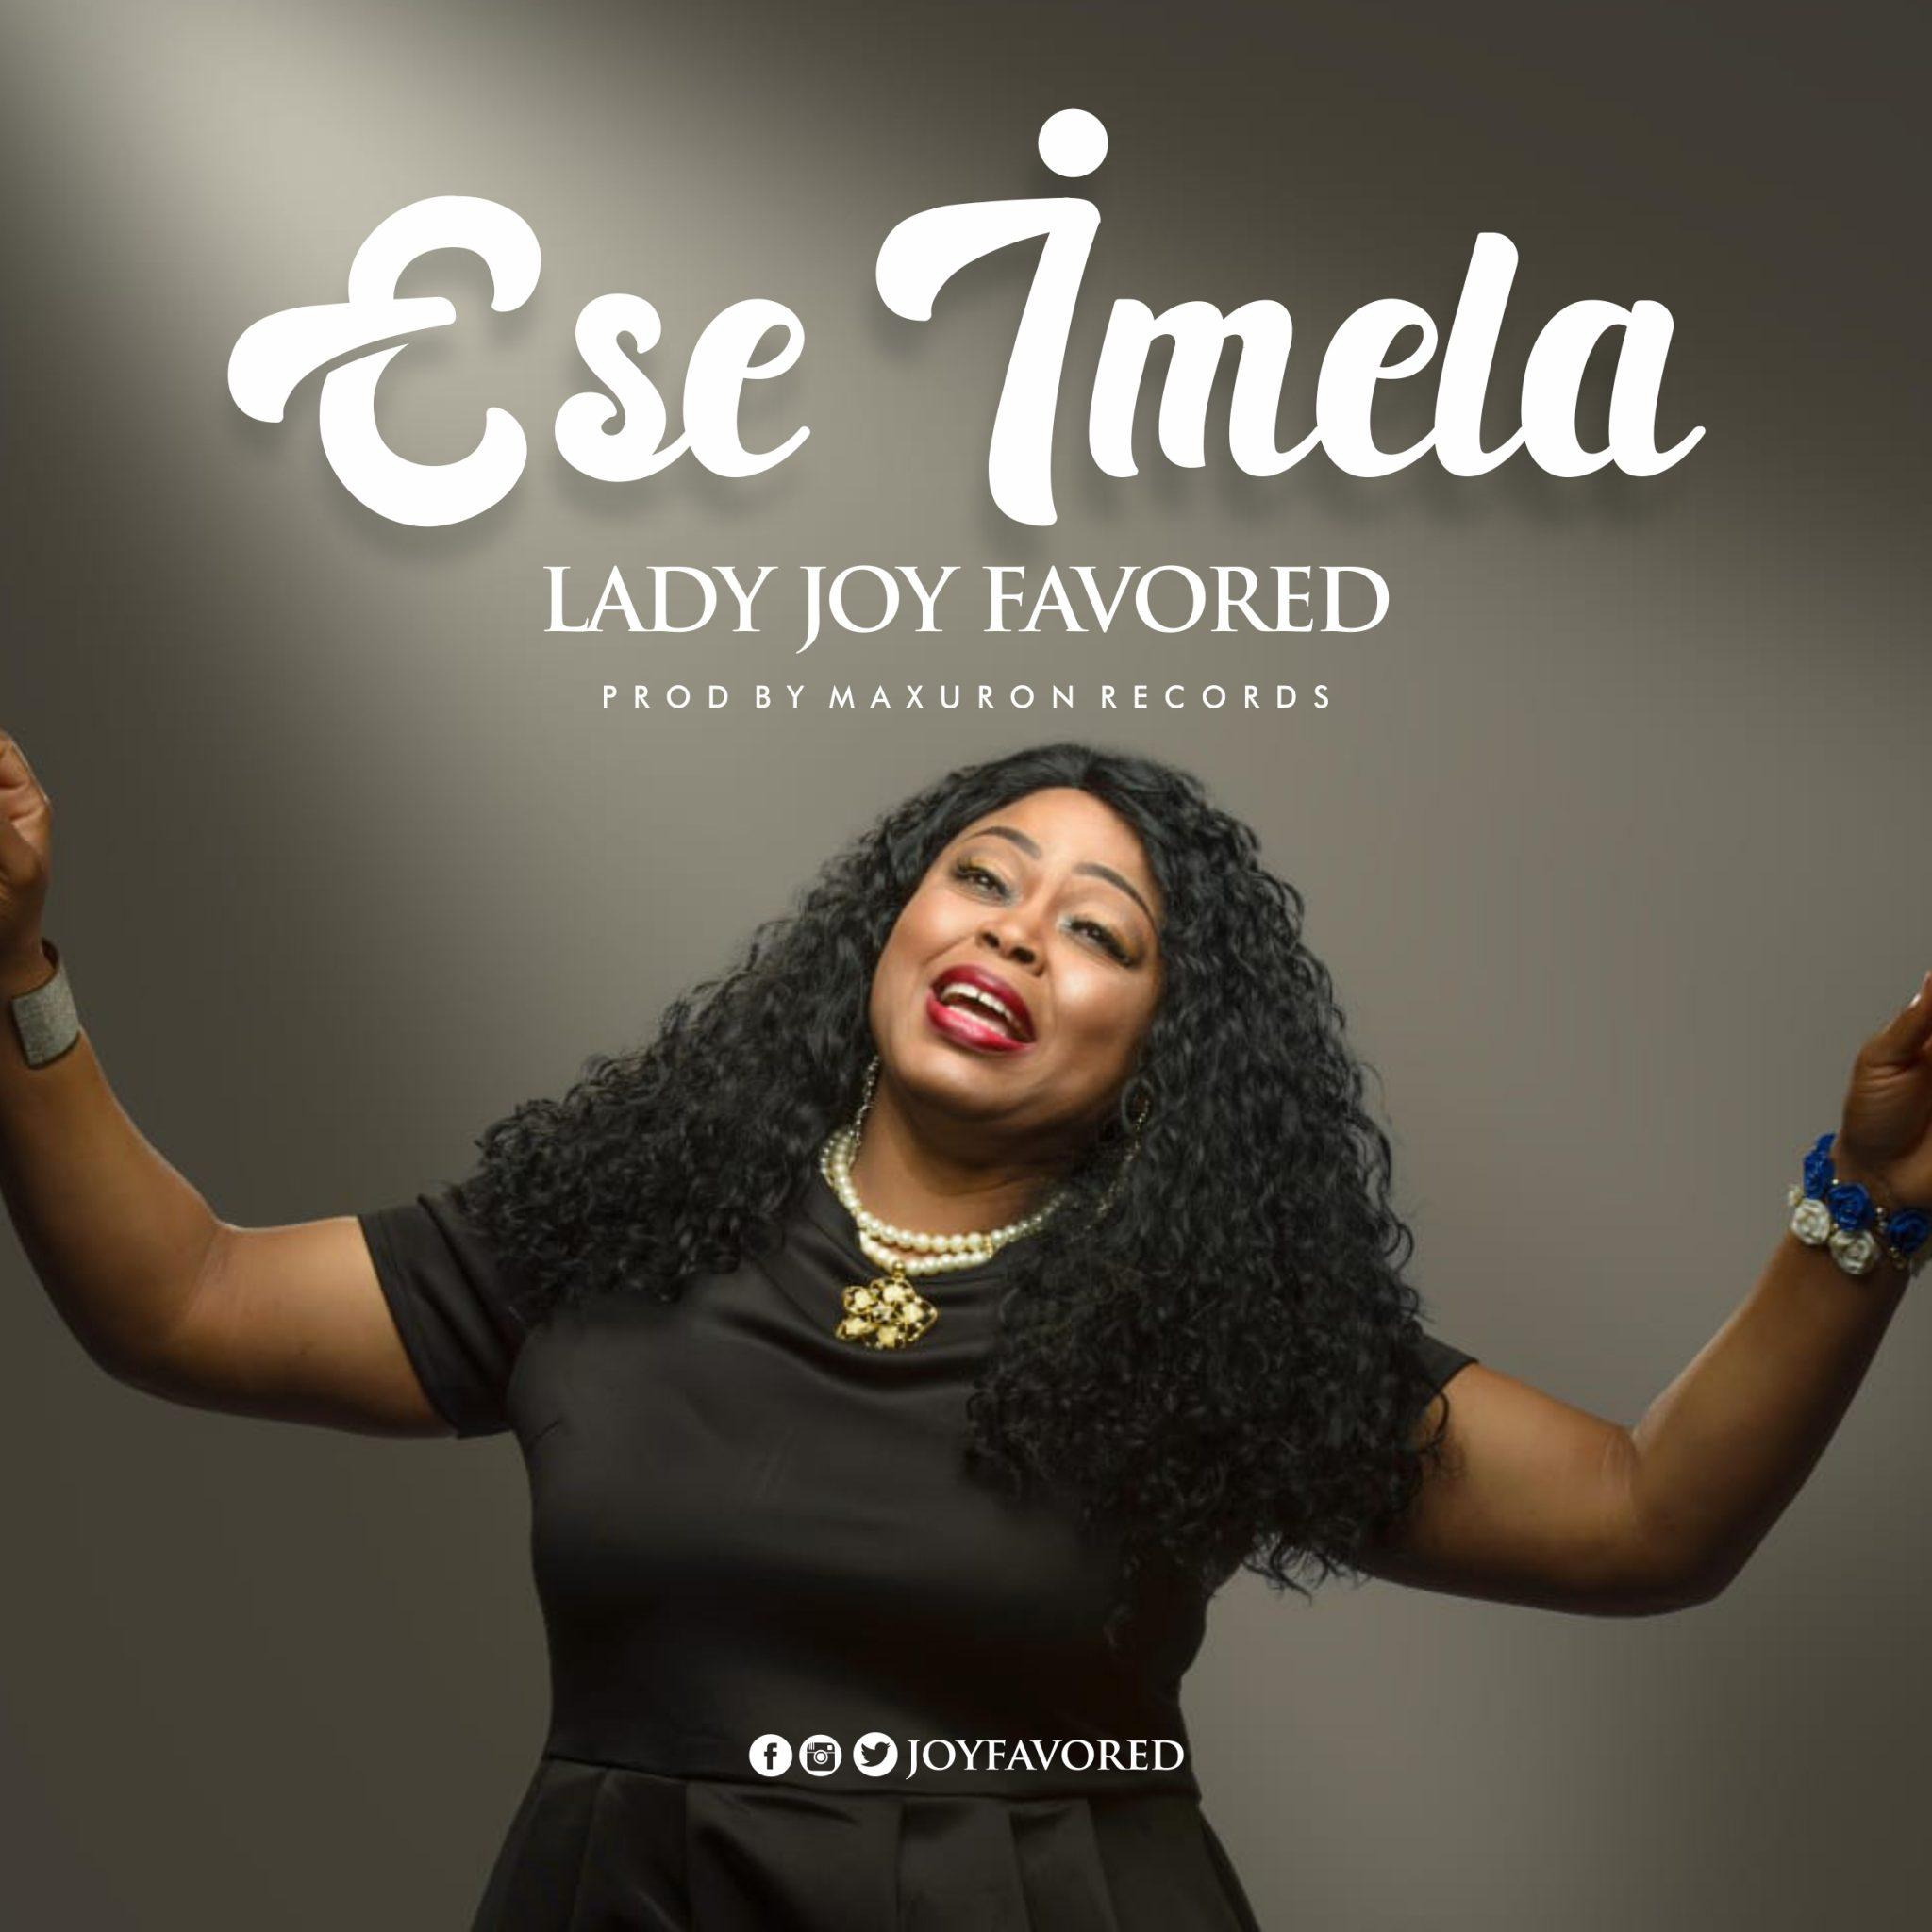 Lady Joy Favoured - Ese-Imela